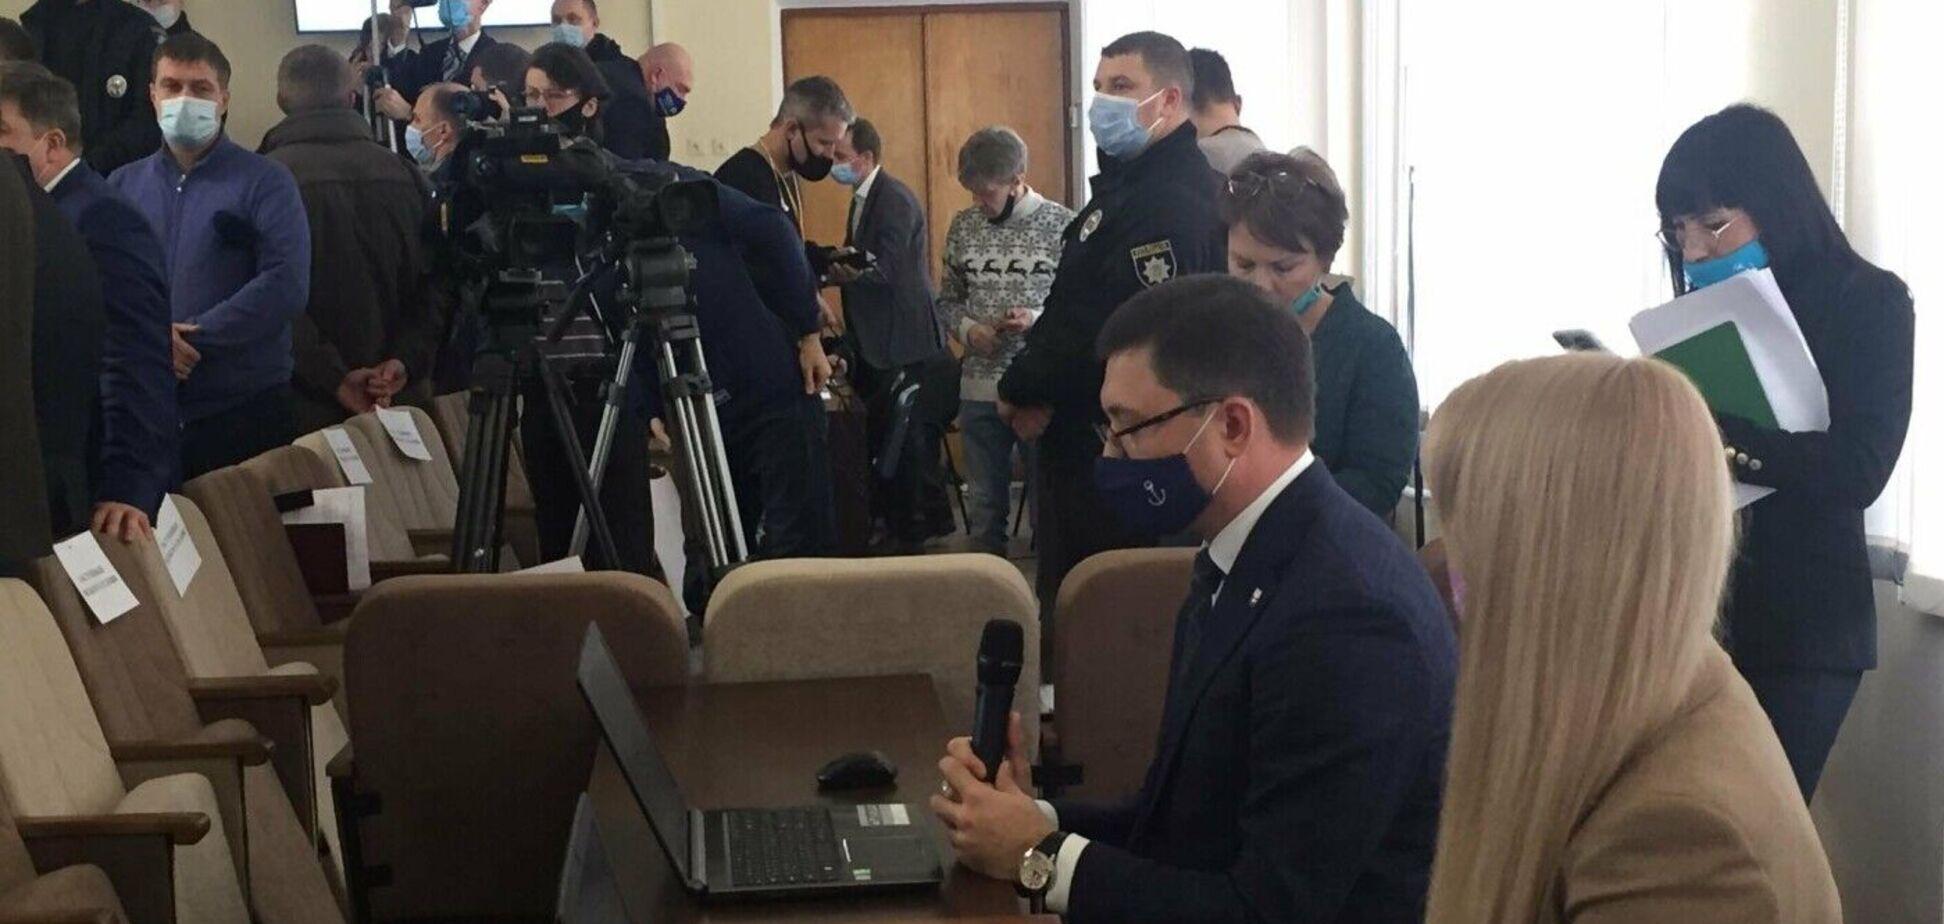 Депутаты от ОПЗЖ в Мариуполе устроили драку из-за доступа к финансовым потокам, – политолог